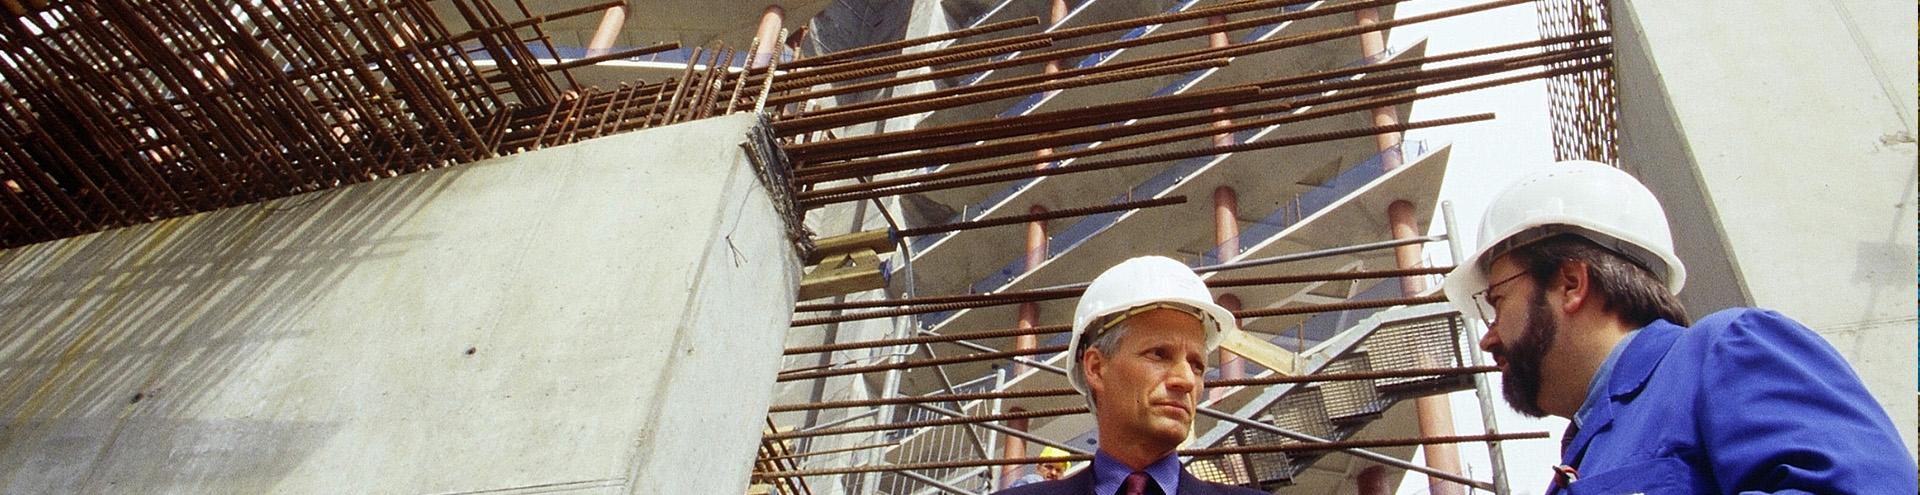 Юрист по долевому строительству в Самаре и Самарской области